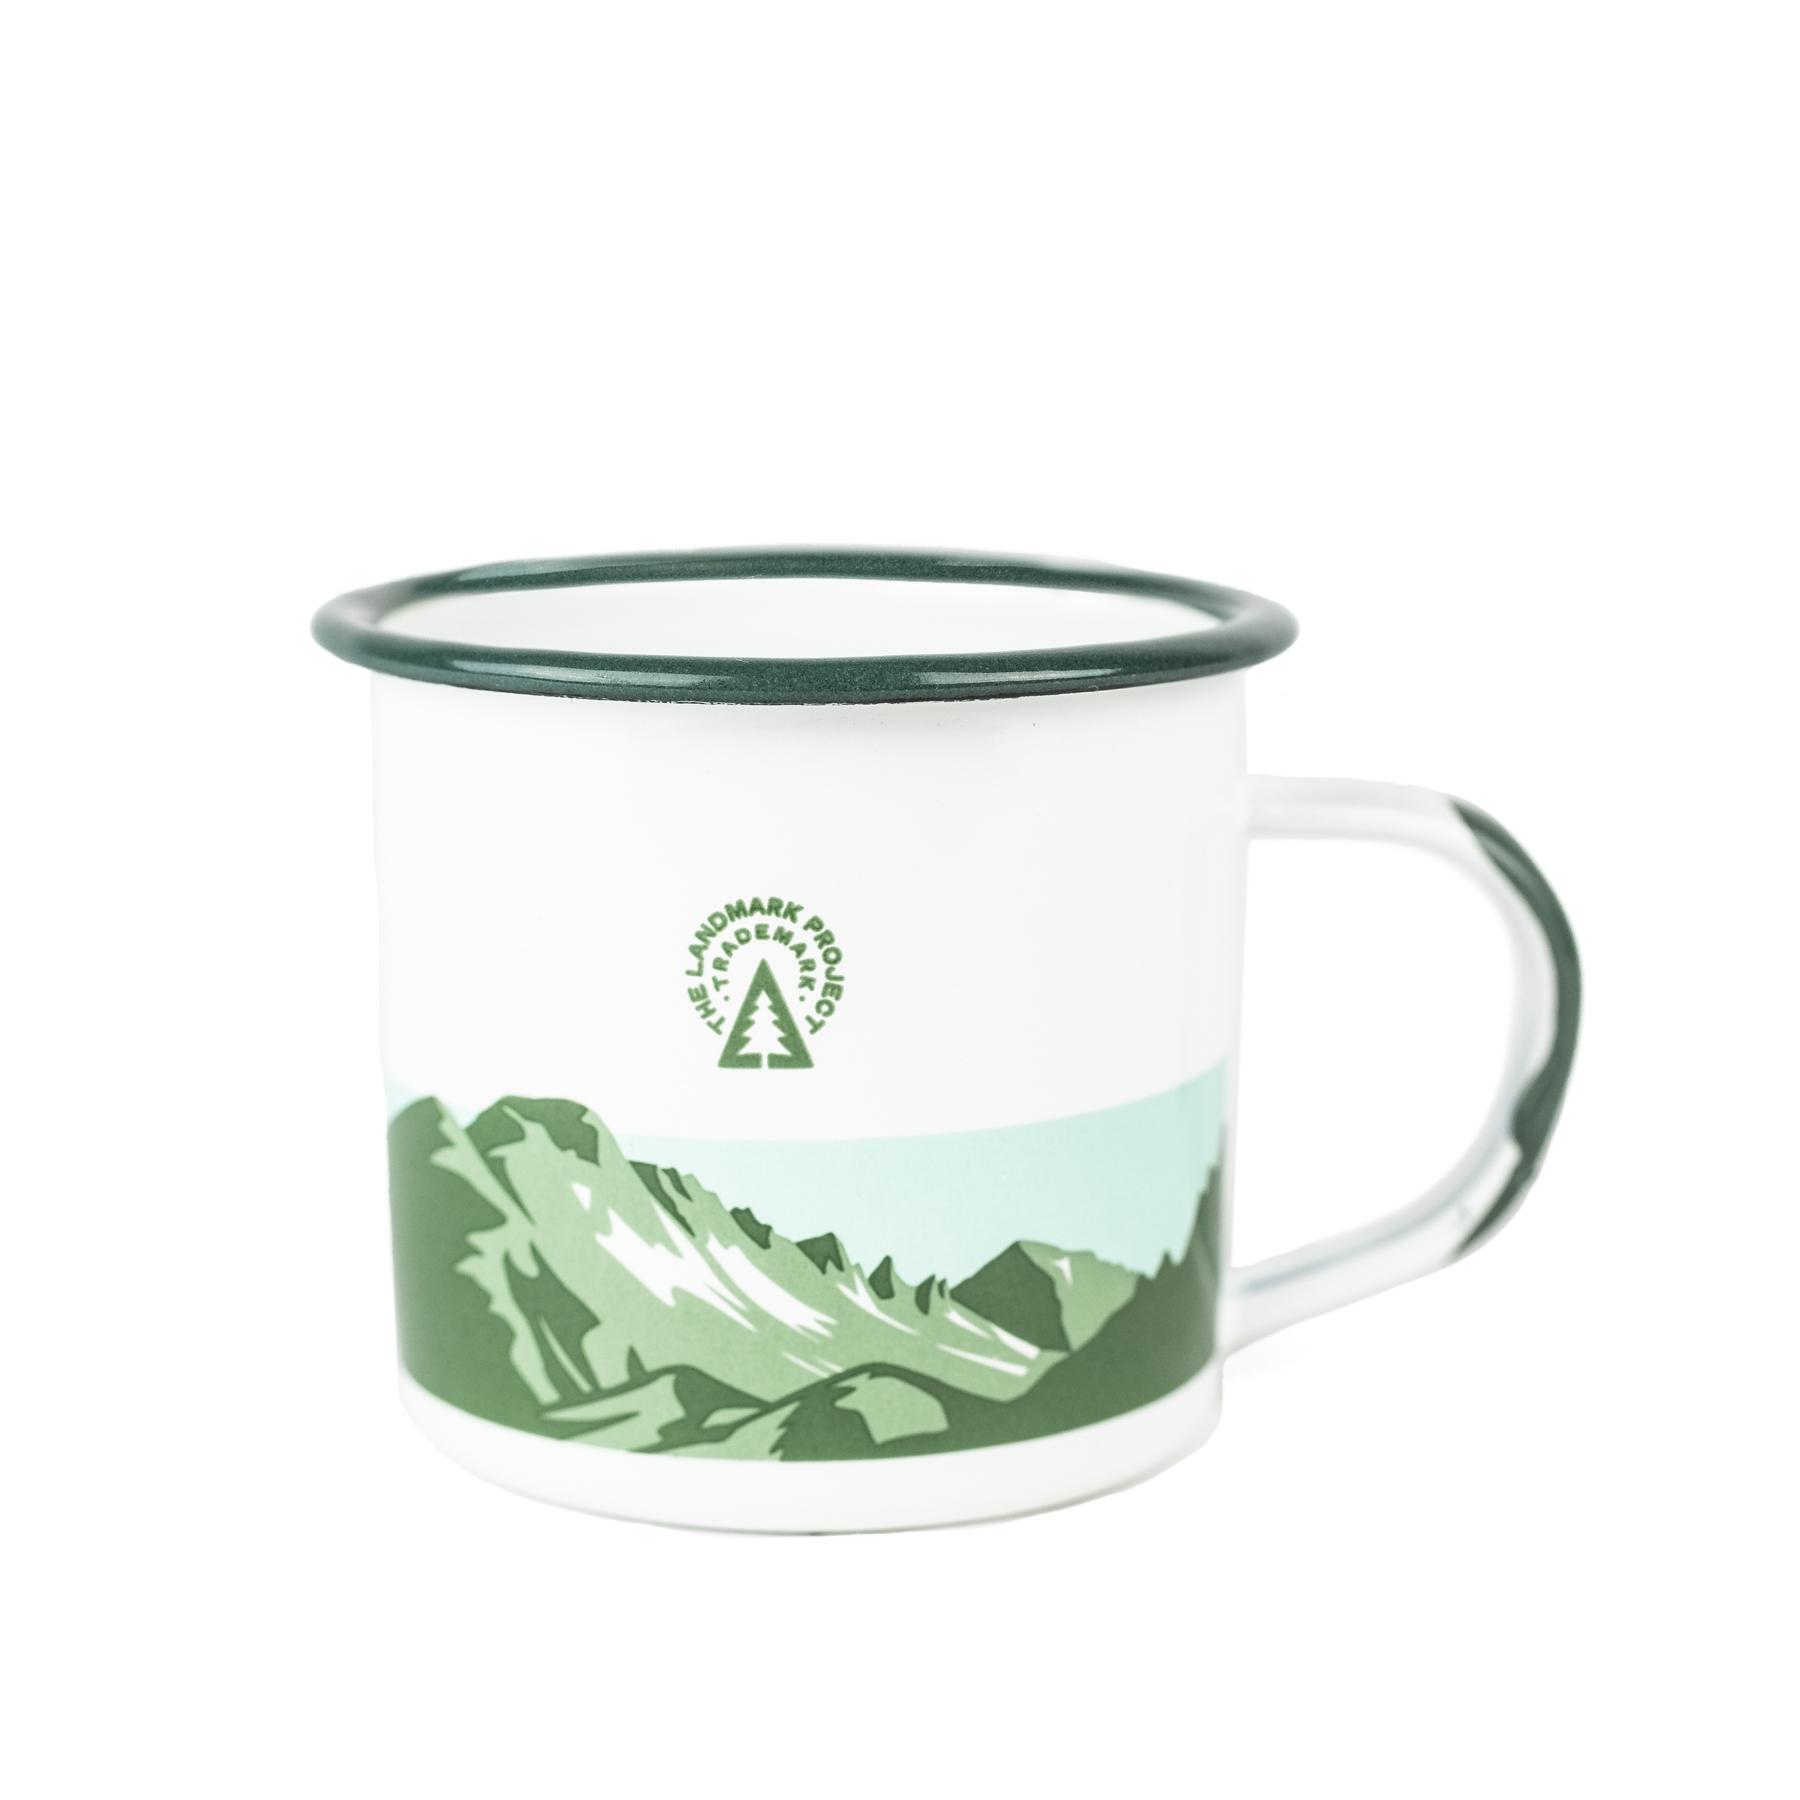 rocky-moutain-enamel-mug-4.jpg